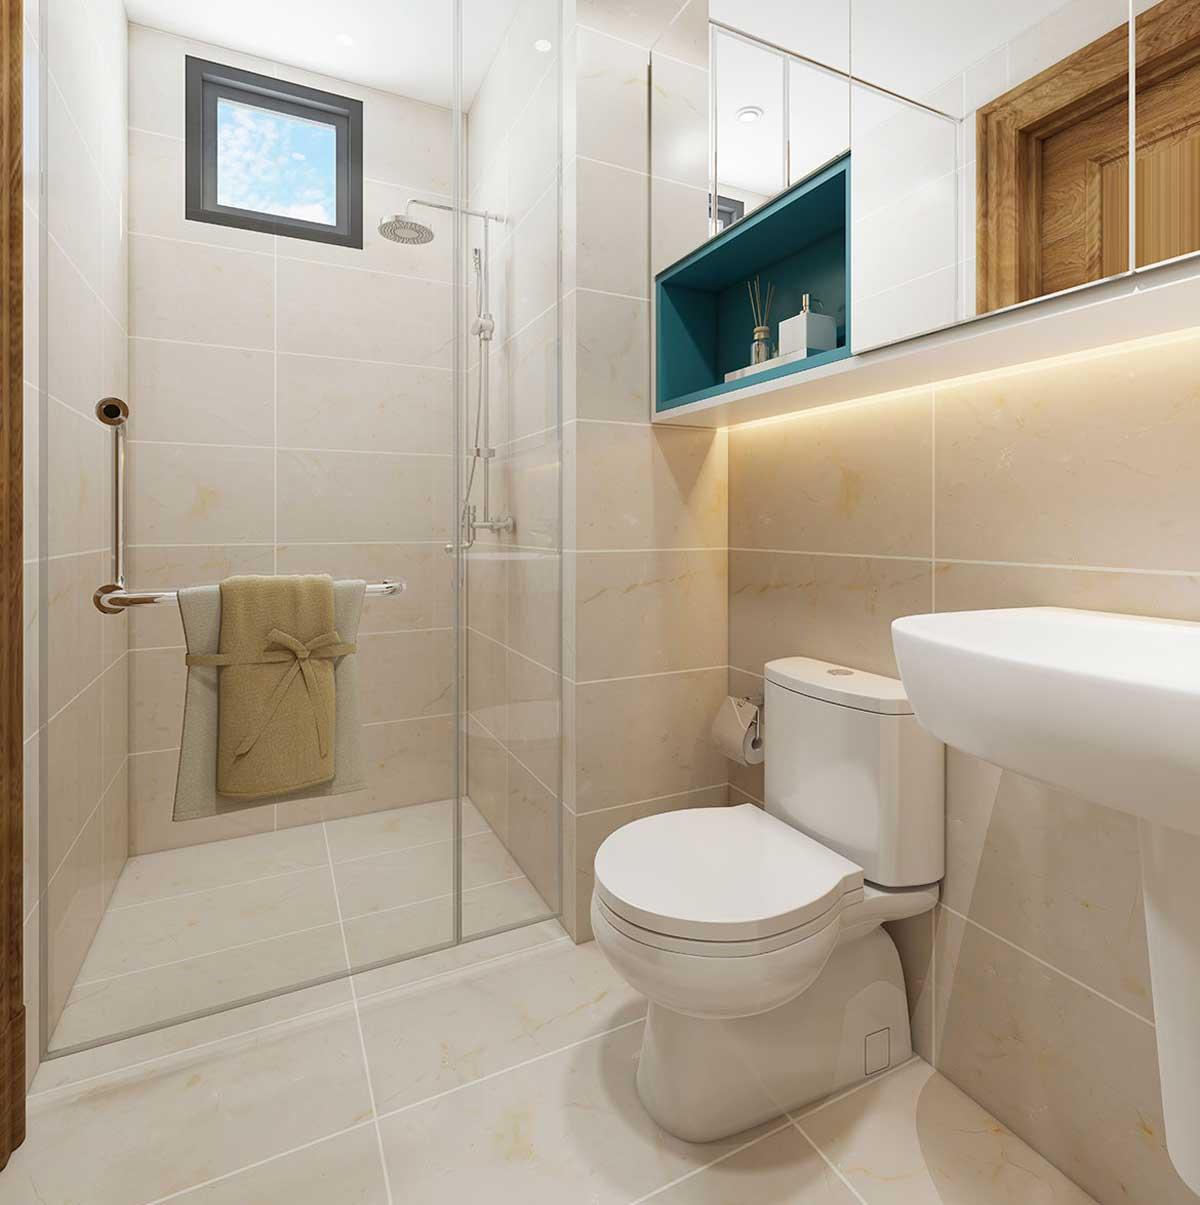 toilet can ho icon plaza - ICON PLAZA BÌNH DƯƠNG